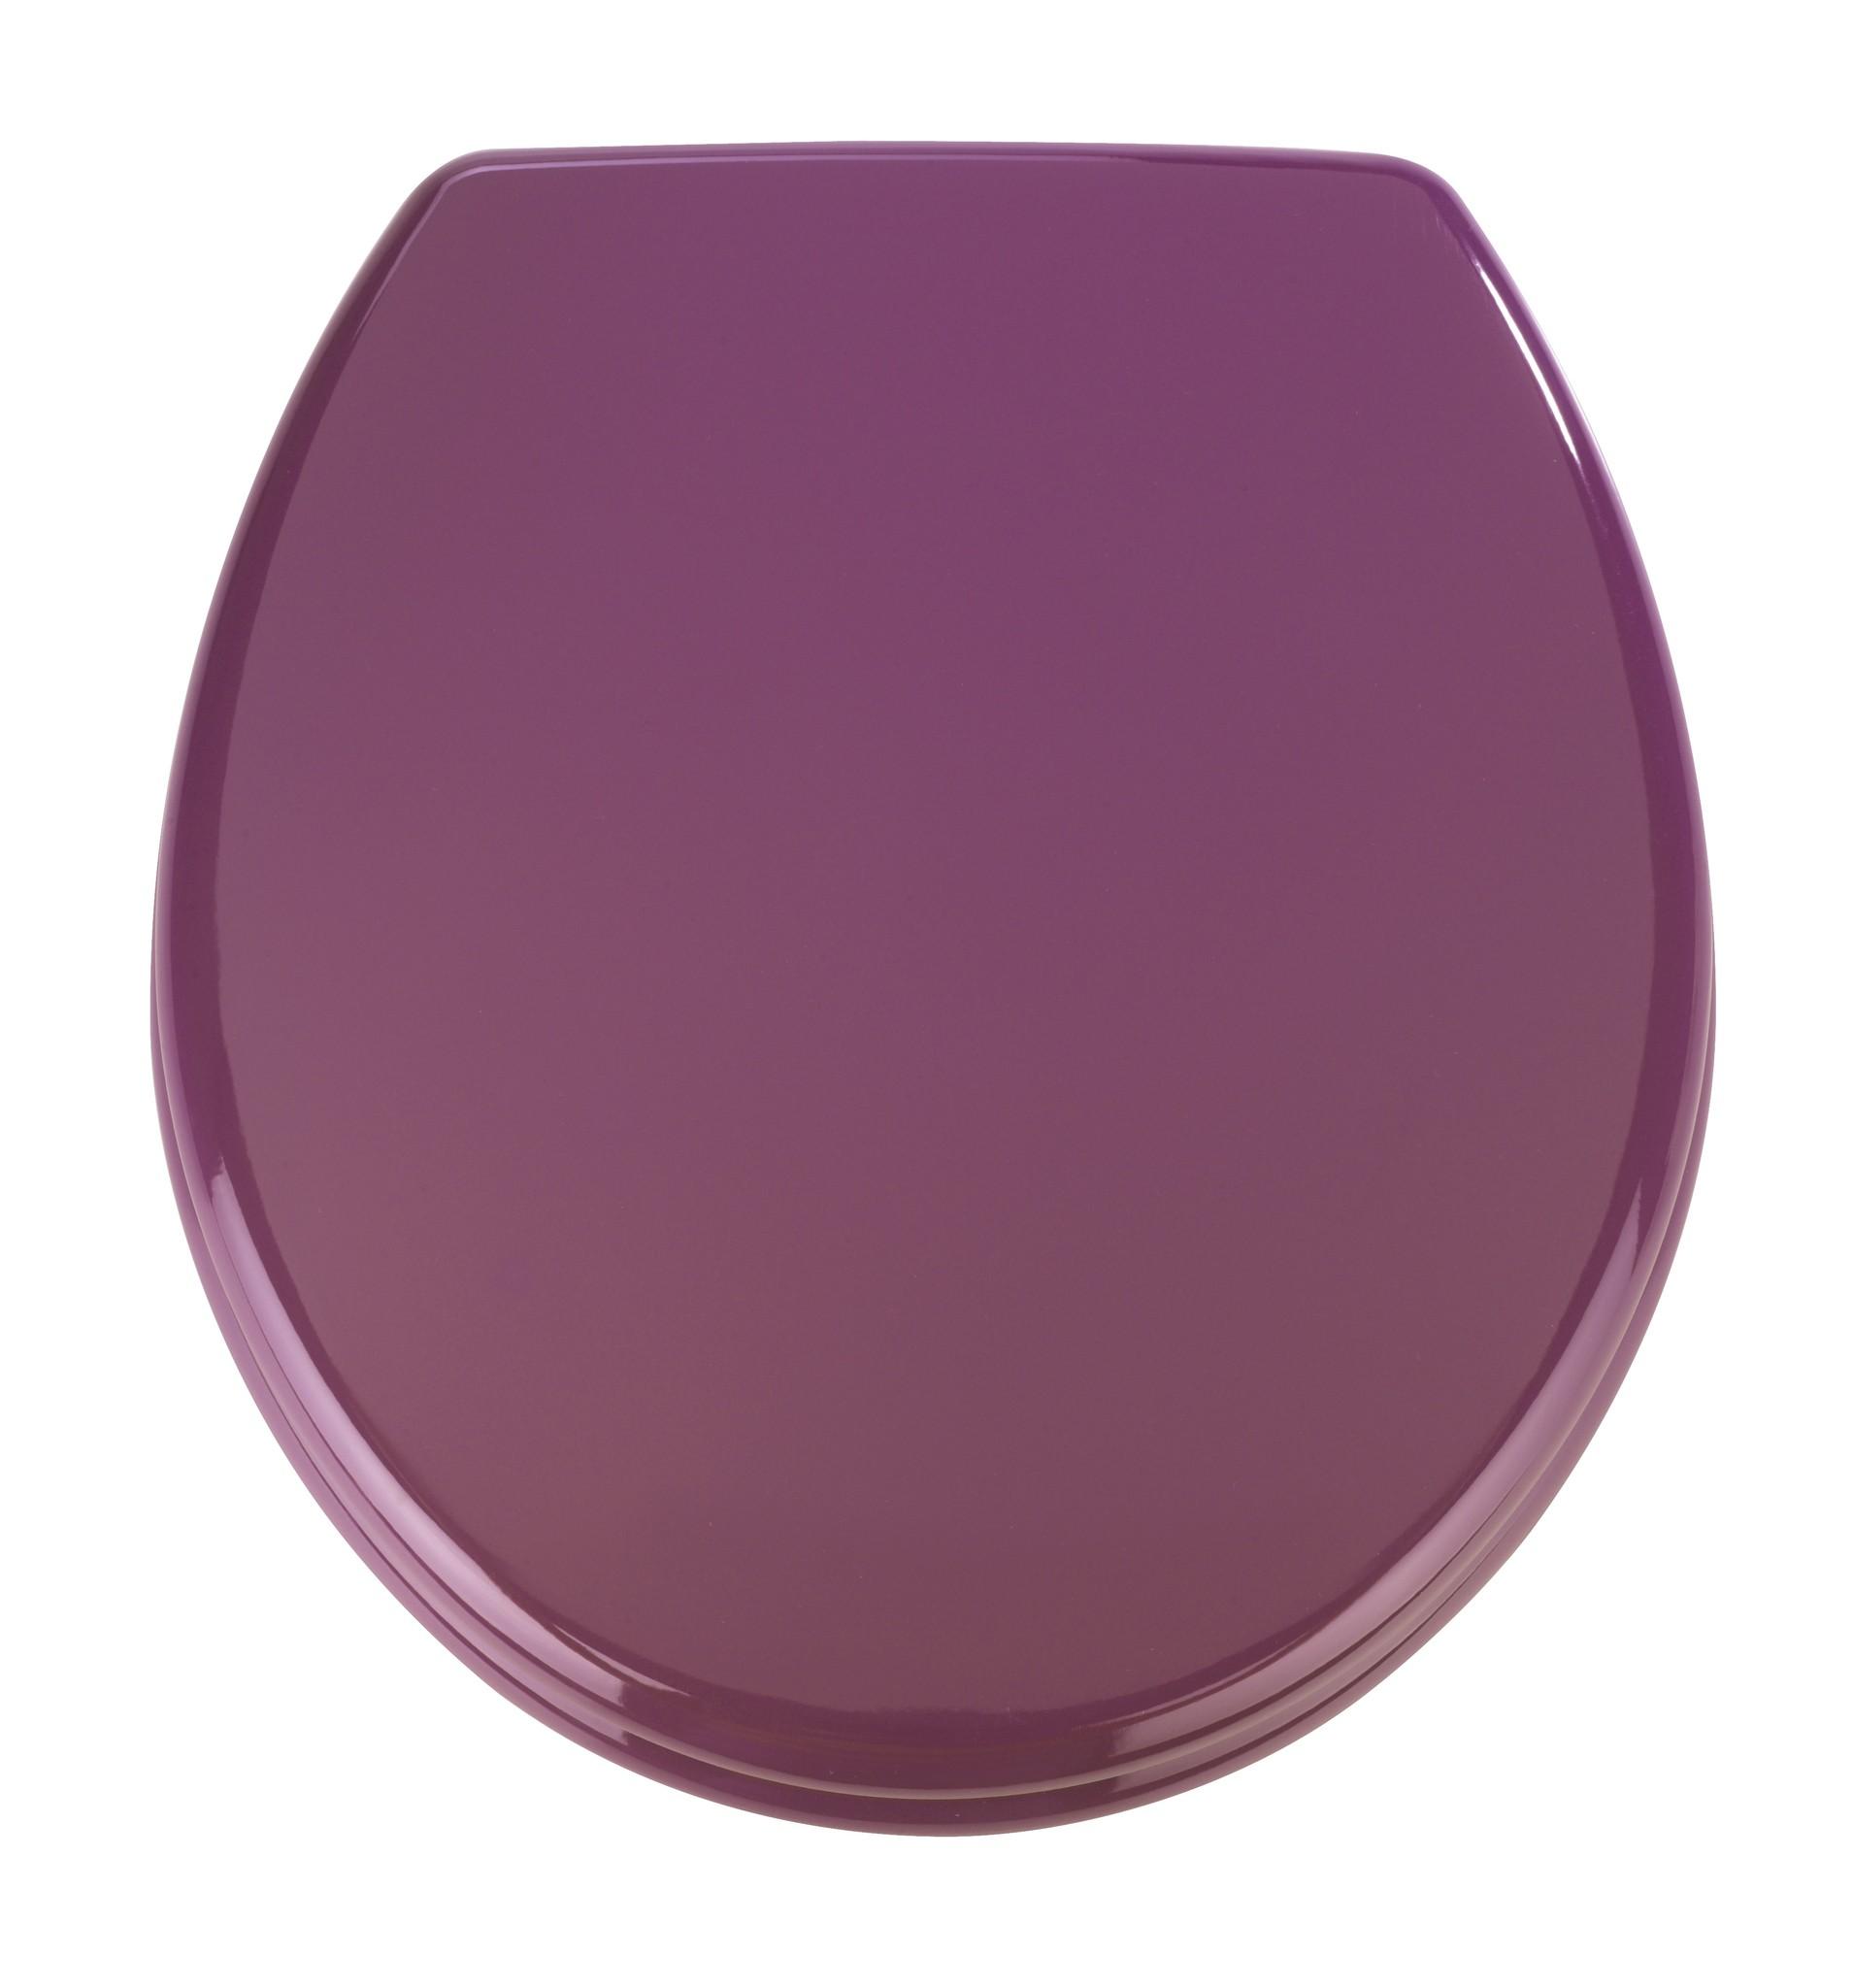 wc sitz prima lila von wenko jetzt kaufen bei wc. Black Bedroom Furniture Sets. Home Design Ideas